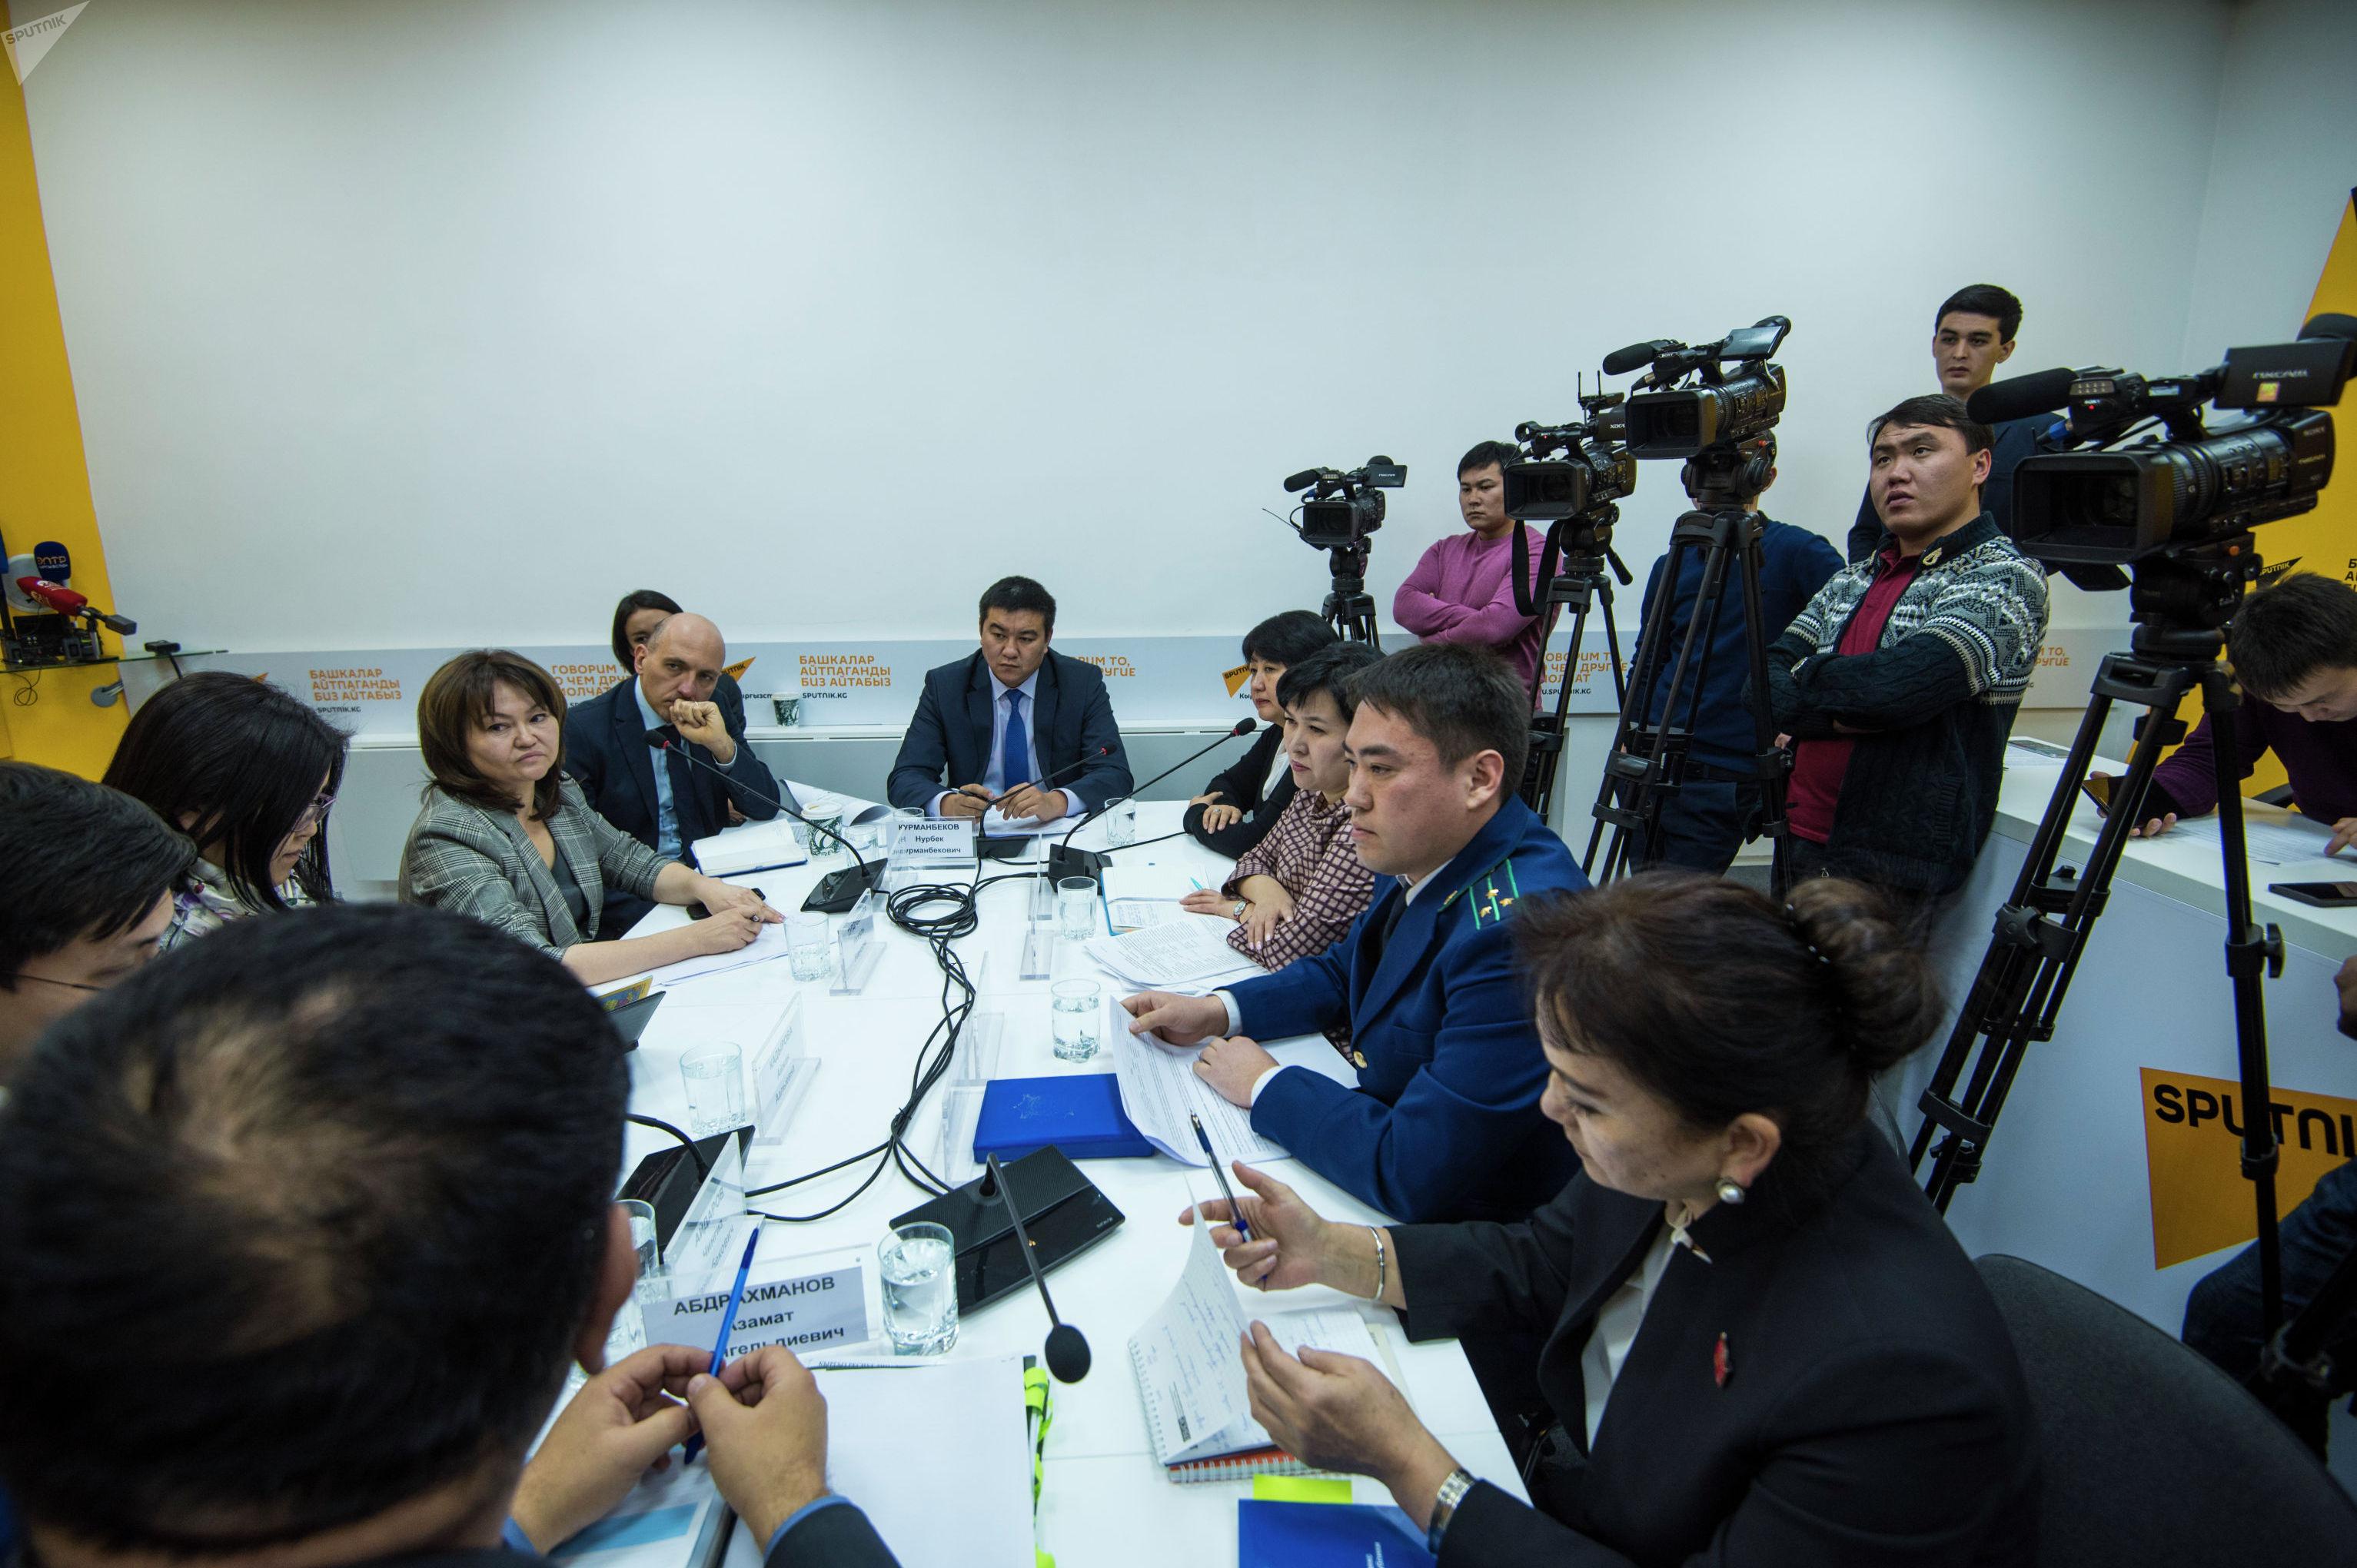 Участники круглого стола Как защитить детей мигрантов в Кыргызстане